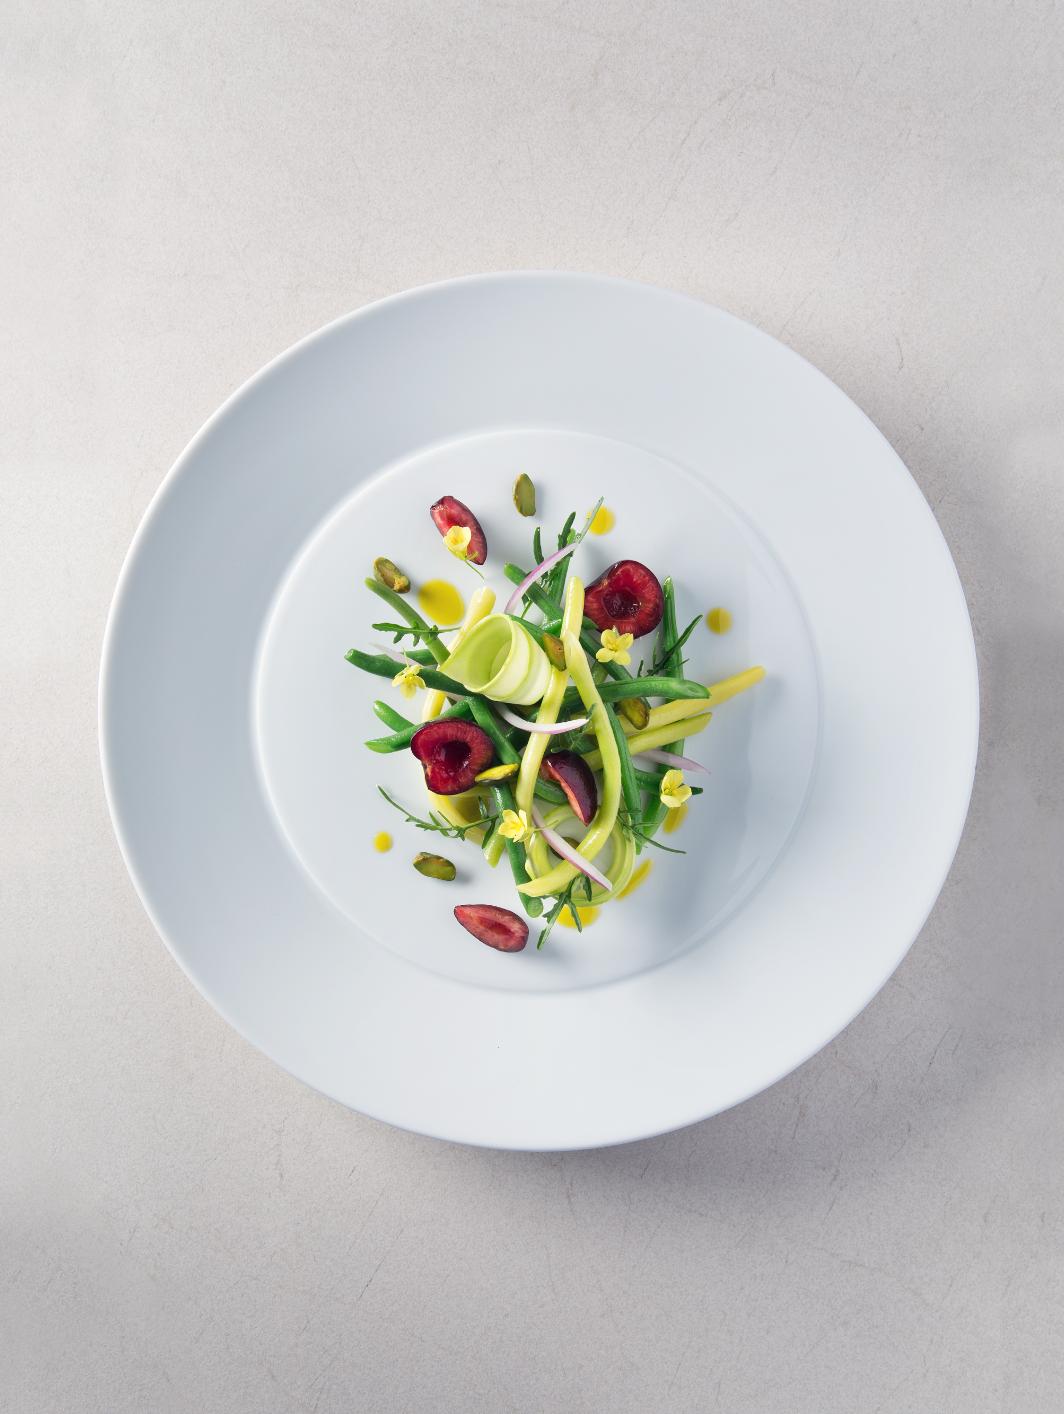 Il Mirazur di mentone si aggiudica il primo posto dei 50's World Best, nel menù anche l'insalata di fagiolini e zucchine con vinaigrette al pistacchio e ciliegie